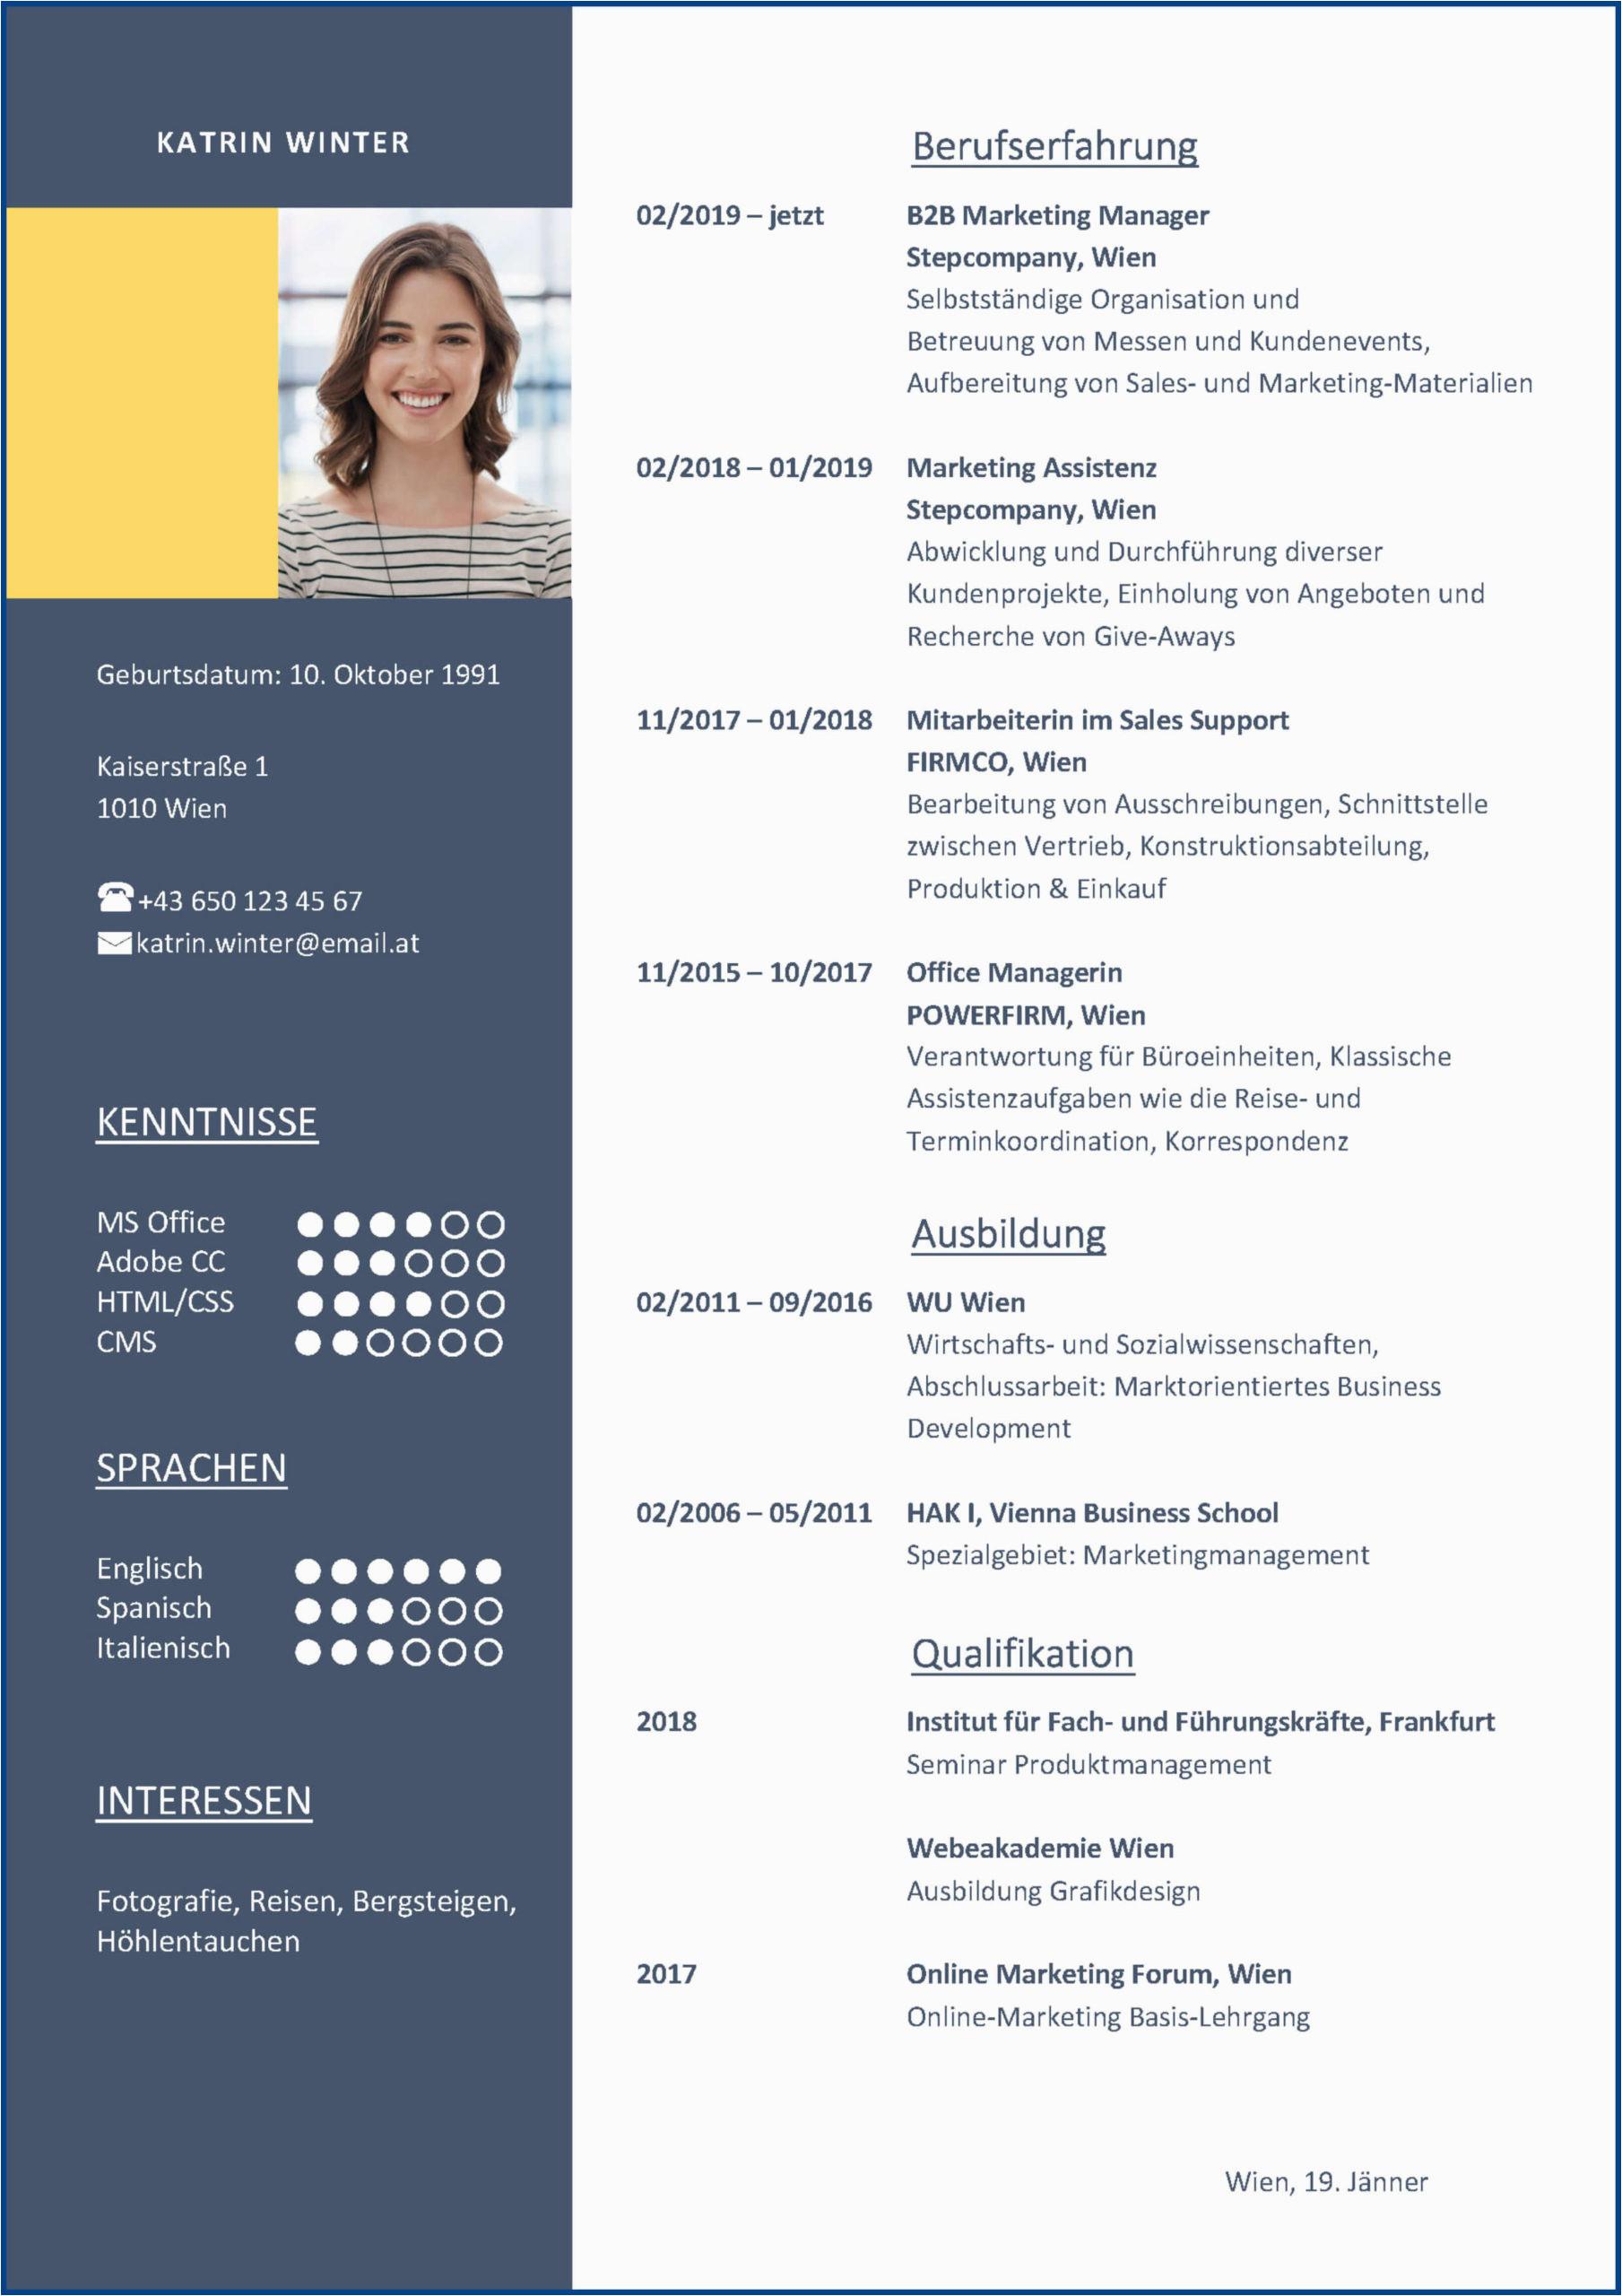 Word Lebenslauf Design Download Kostenlose Lebenslauf Vorlagen Für Word Jetzt En